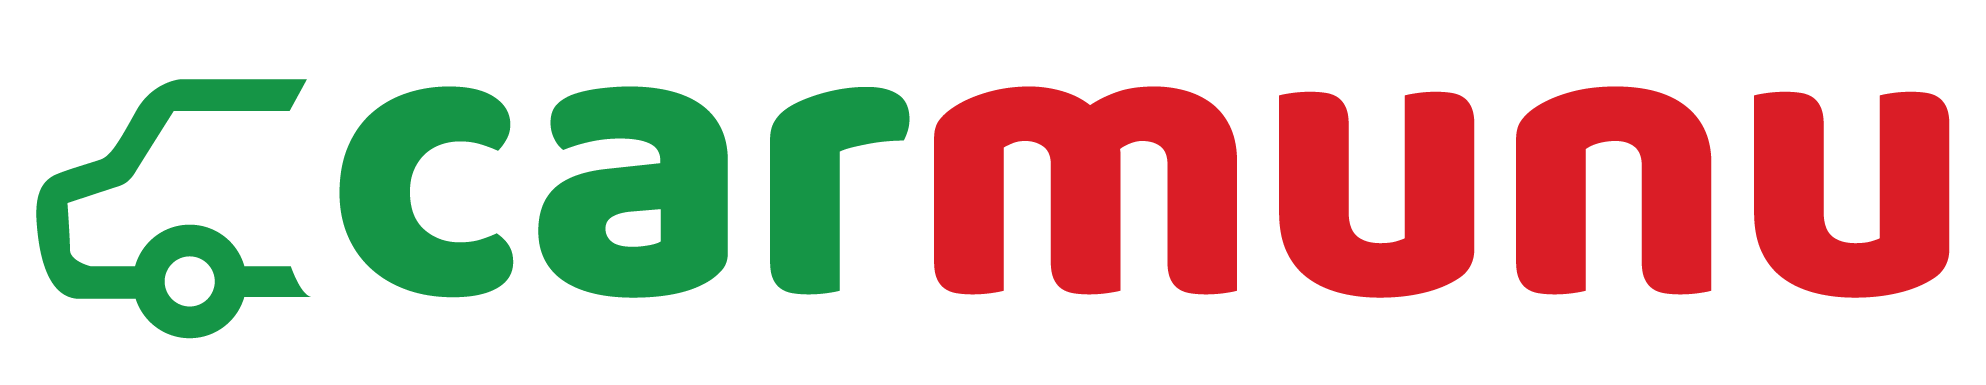 Carmunu logo